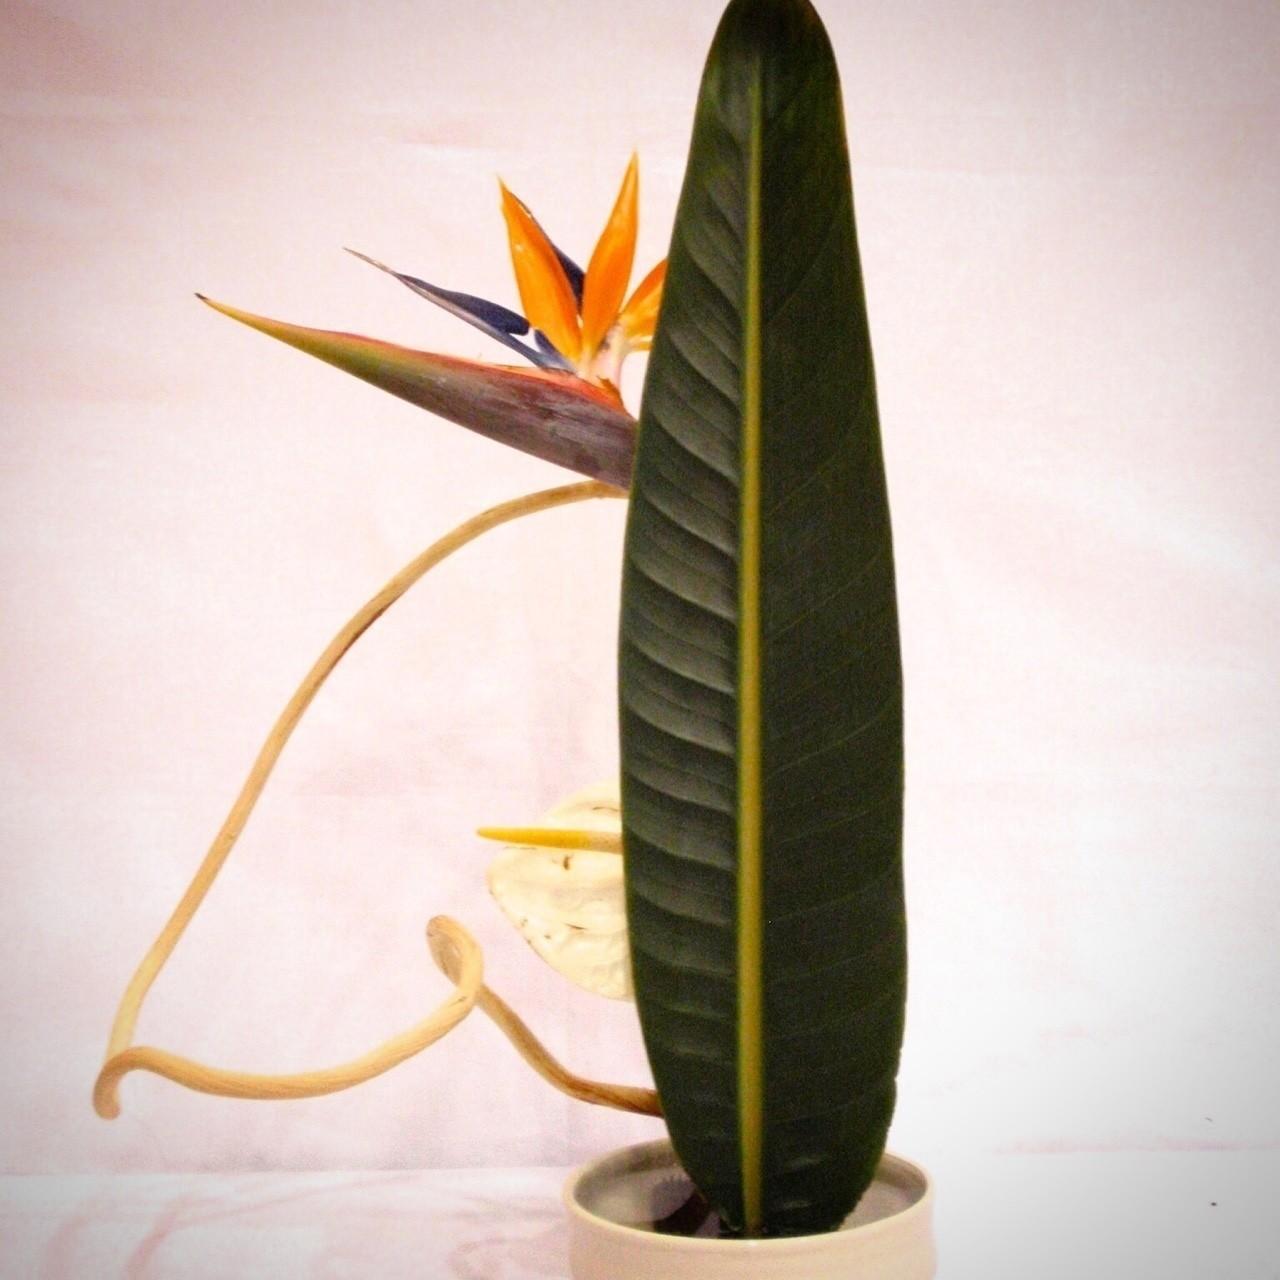 アンスリウム、ストレリチア、漂白ゲンコツ  ストレリチアの葉の後ろから、ひょっこり顔を出している子供達…のようなイメージ。  #ikebana #kado #japan #japanese #flower #plant #arrengement #art #design #sogetsu #florist #flowerstagram #artwork #culture #華道 #いけばな #生け花 #草月 #草月流 #花 #植物 #アート #デザイン #いけばな男子#花のある暮らし